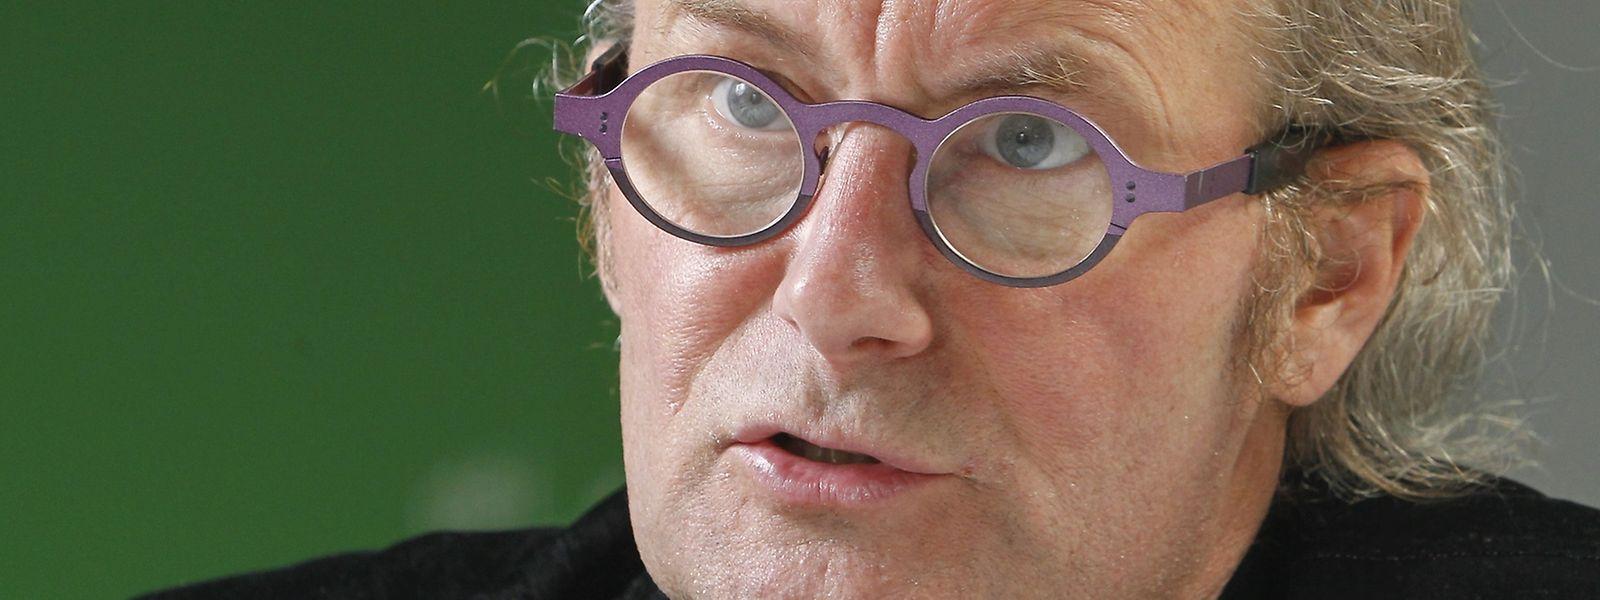 Claude Turmes kritisiert die EU-Mitgliedsstaaten, die die Autoindustrie trotz deren Fehlverhaltens weiter schützen würden.